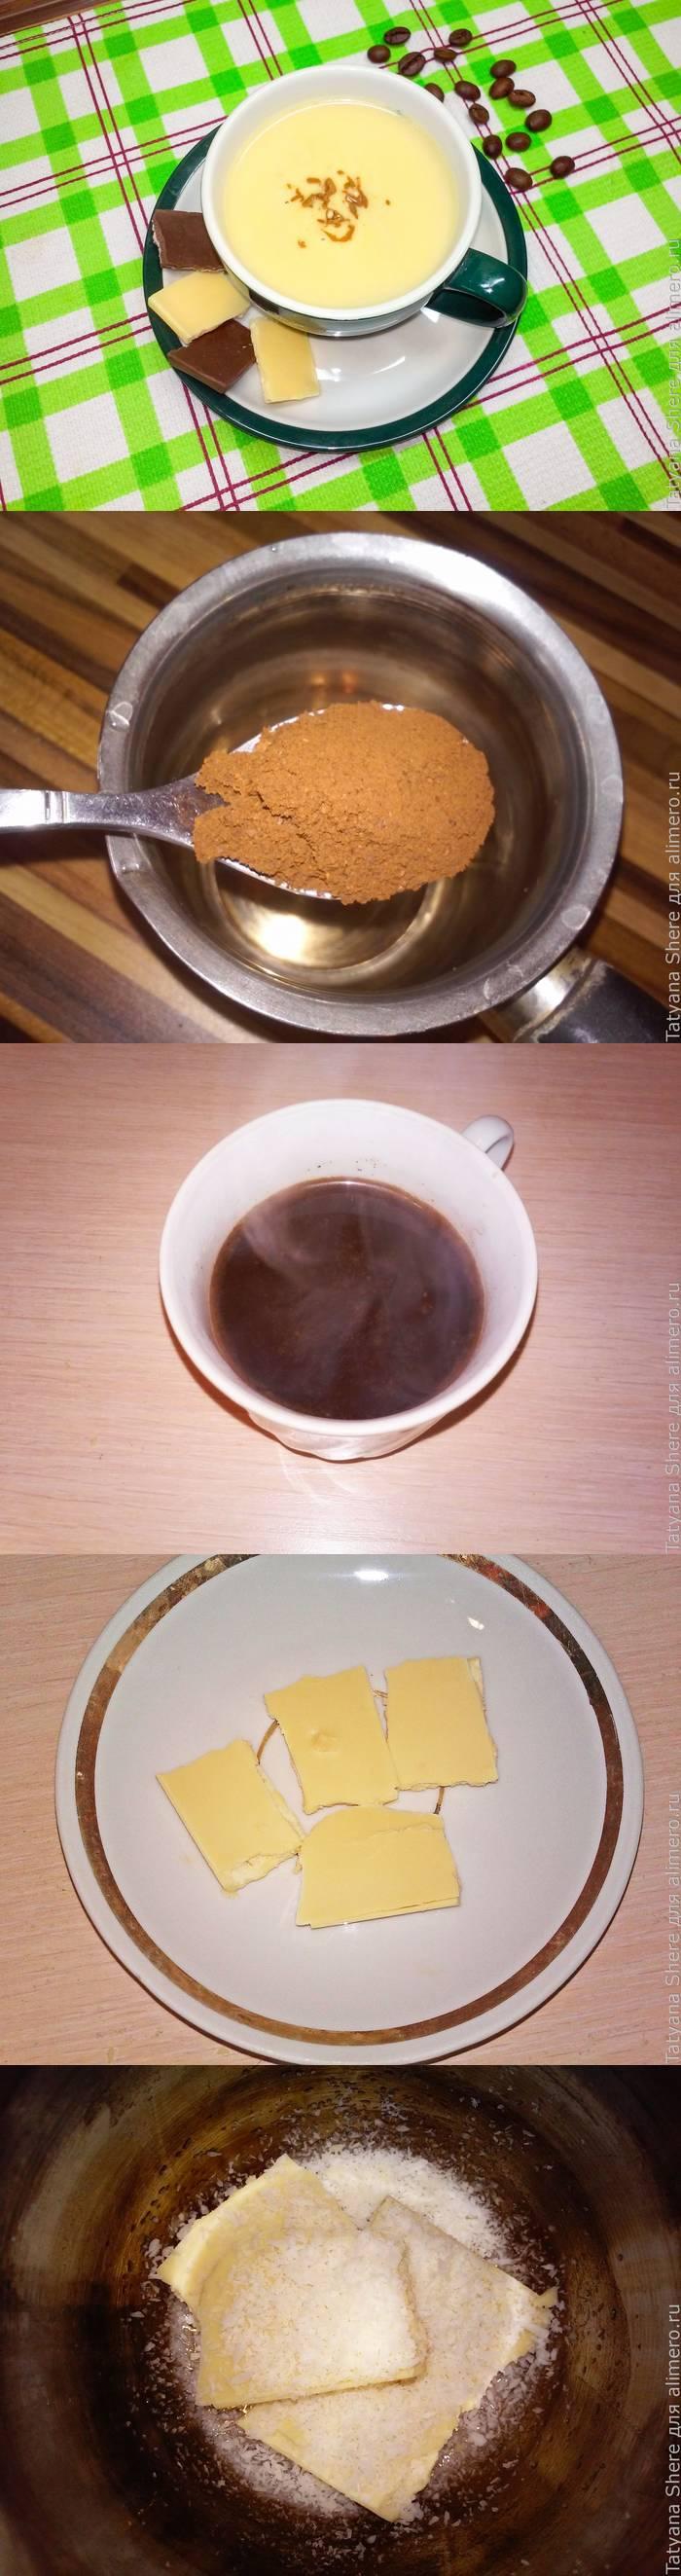 Вкусный кофе с кокосовым вкусом